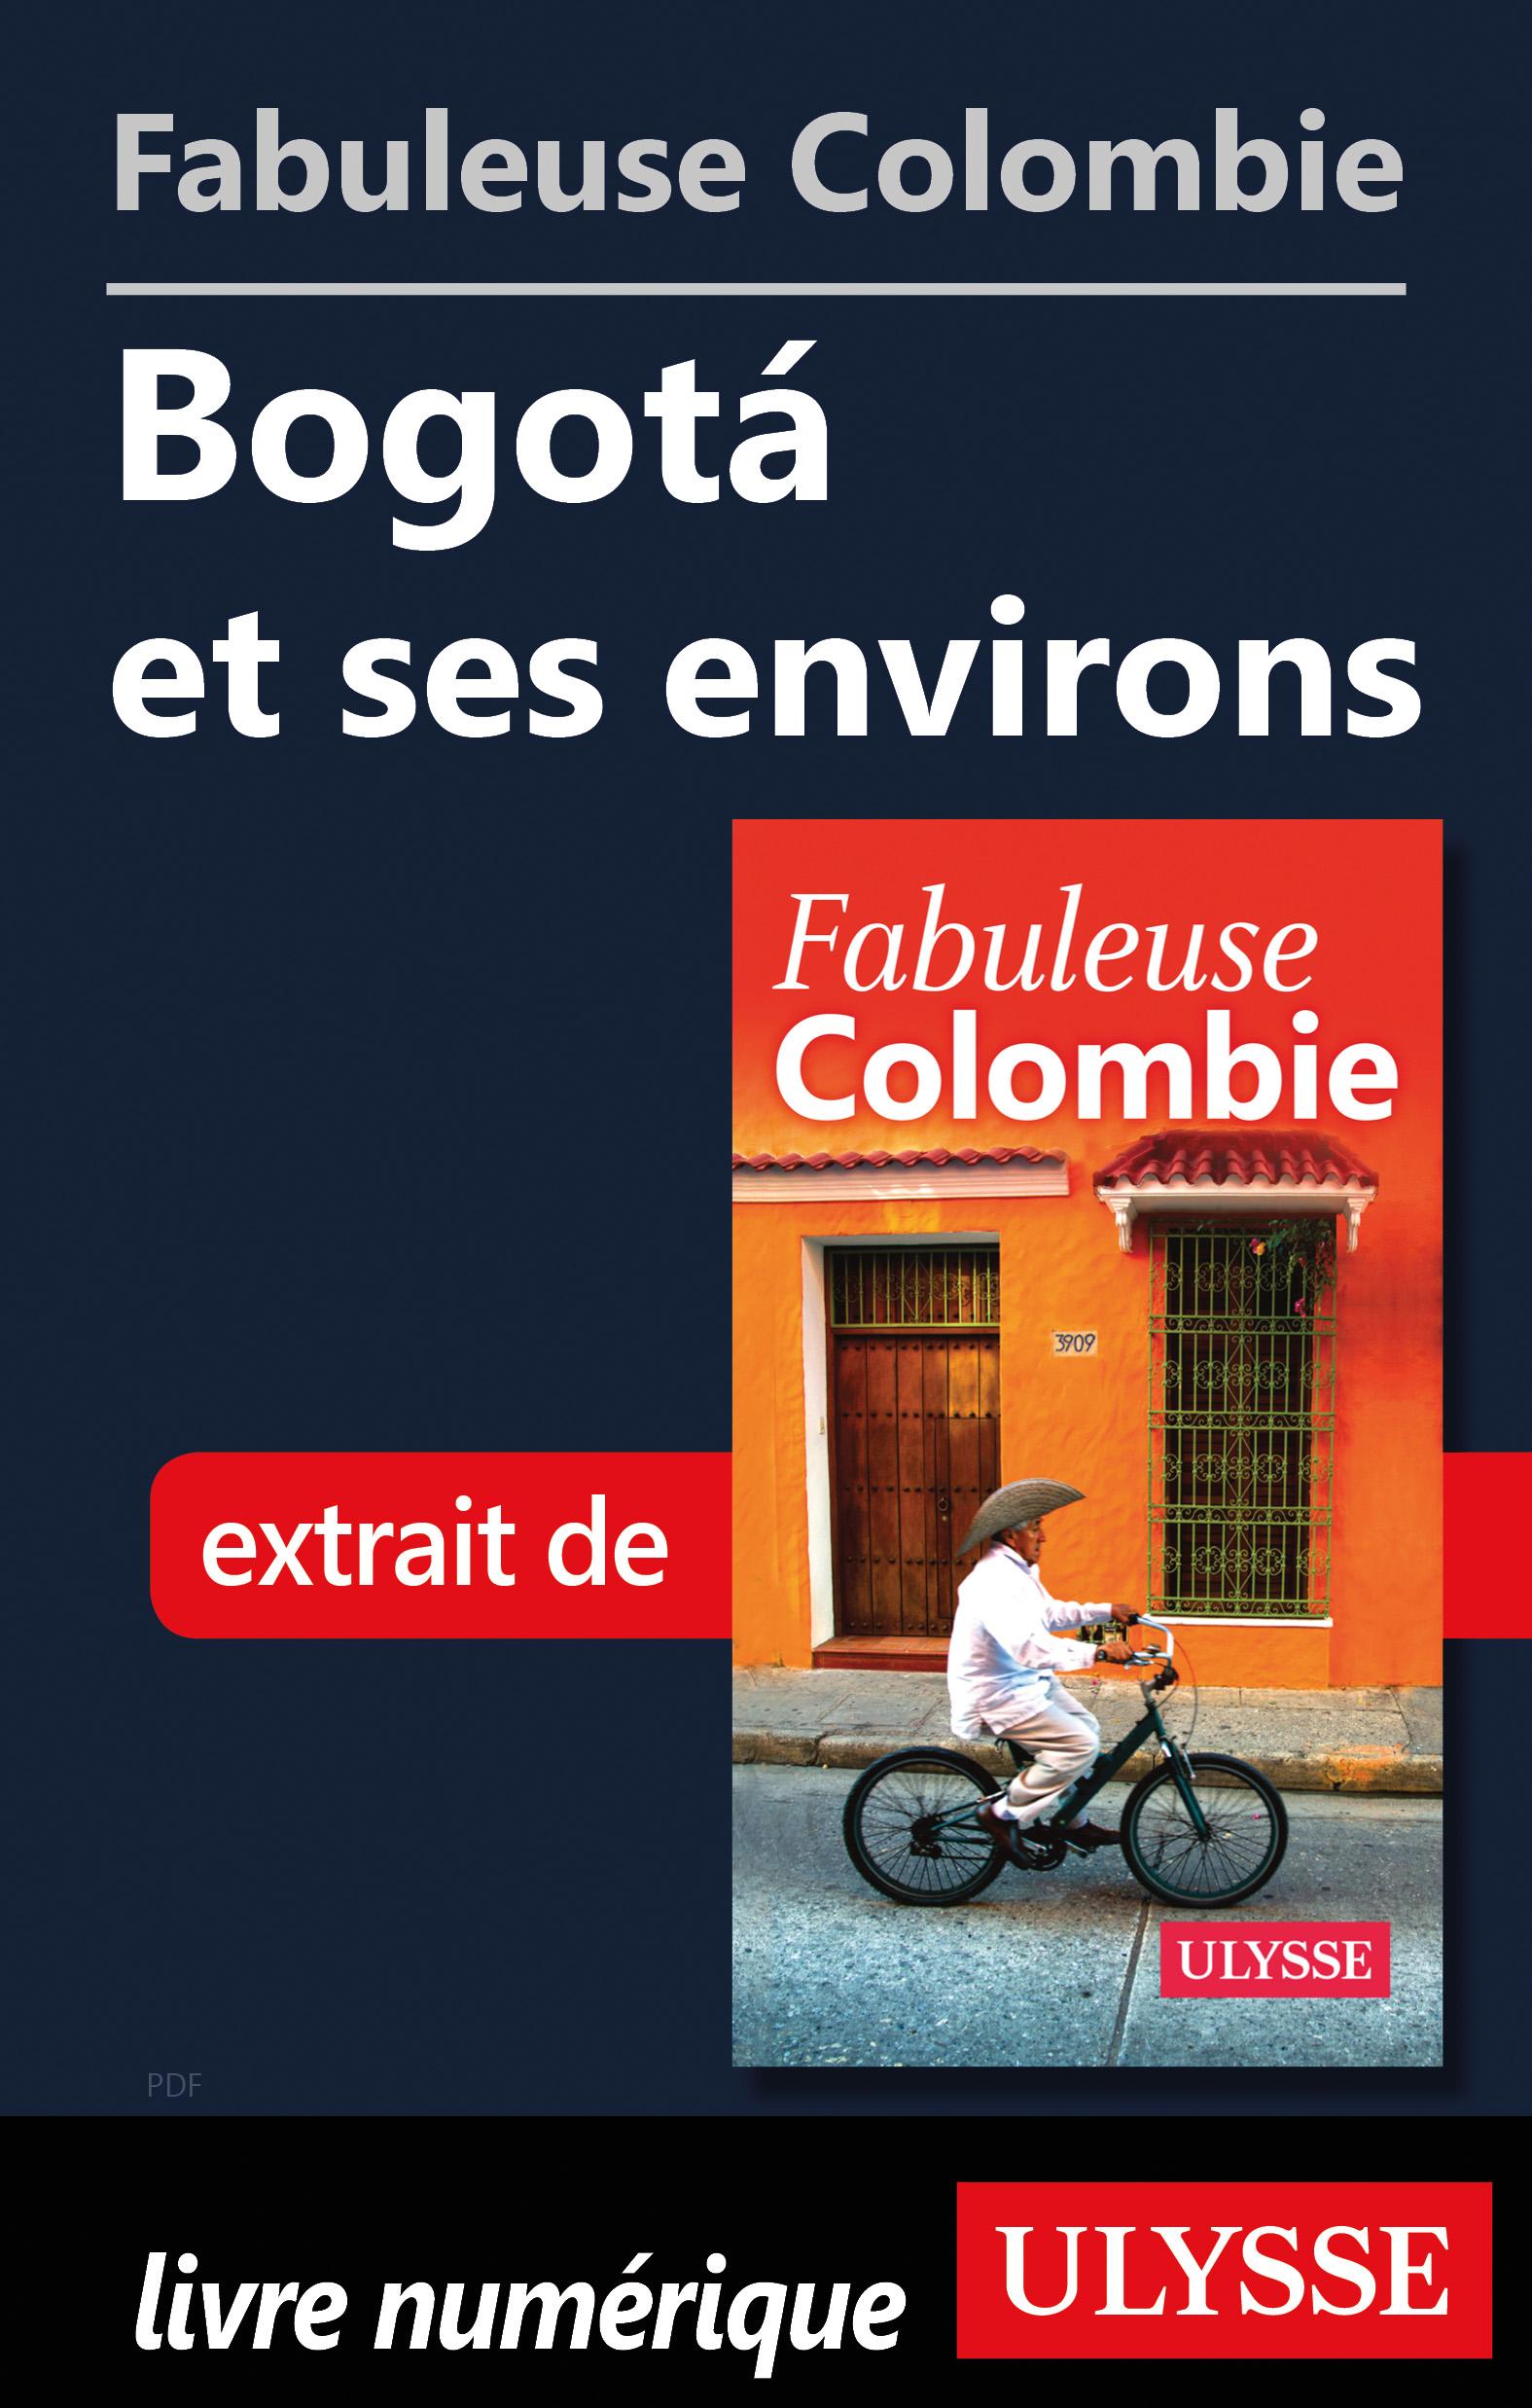 Fabuleuse Colombie: Bogotá et ses environs